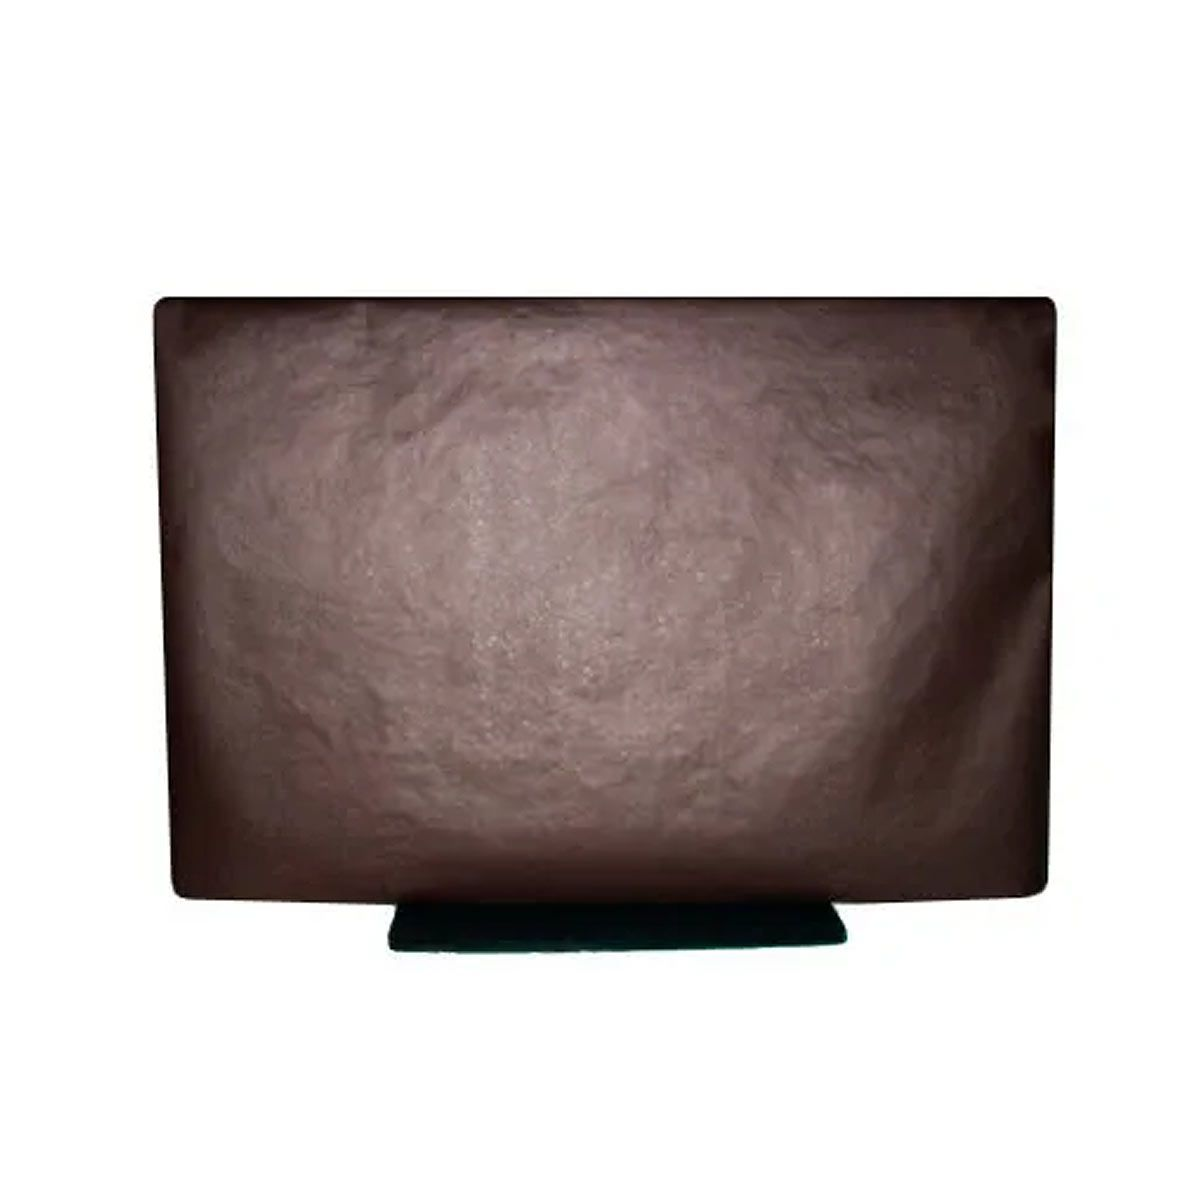 Capa De Luxo Em Corino Para Tv 58 - 60 - 65 - 70 - 75 Pol